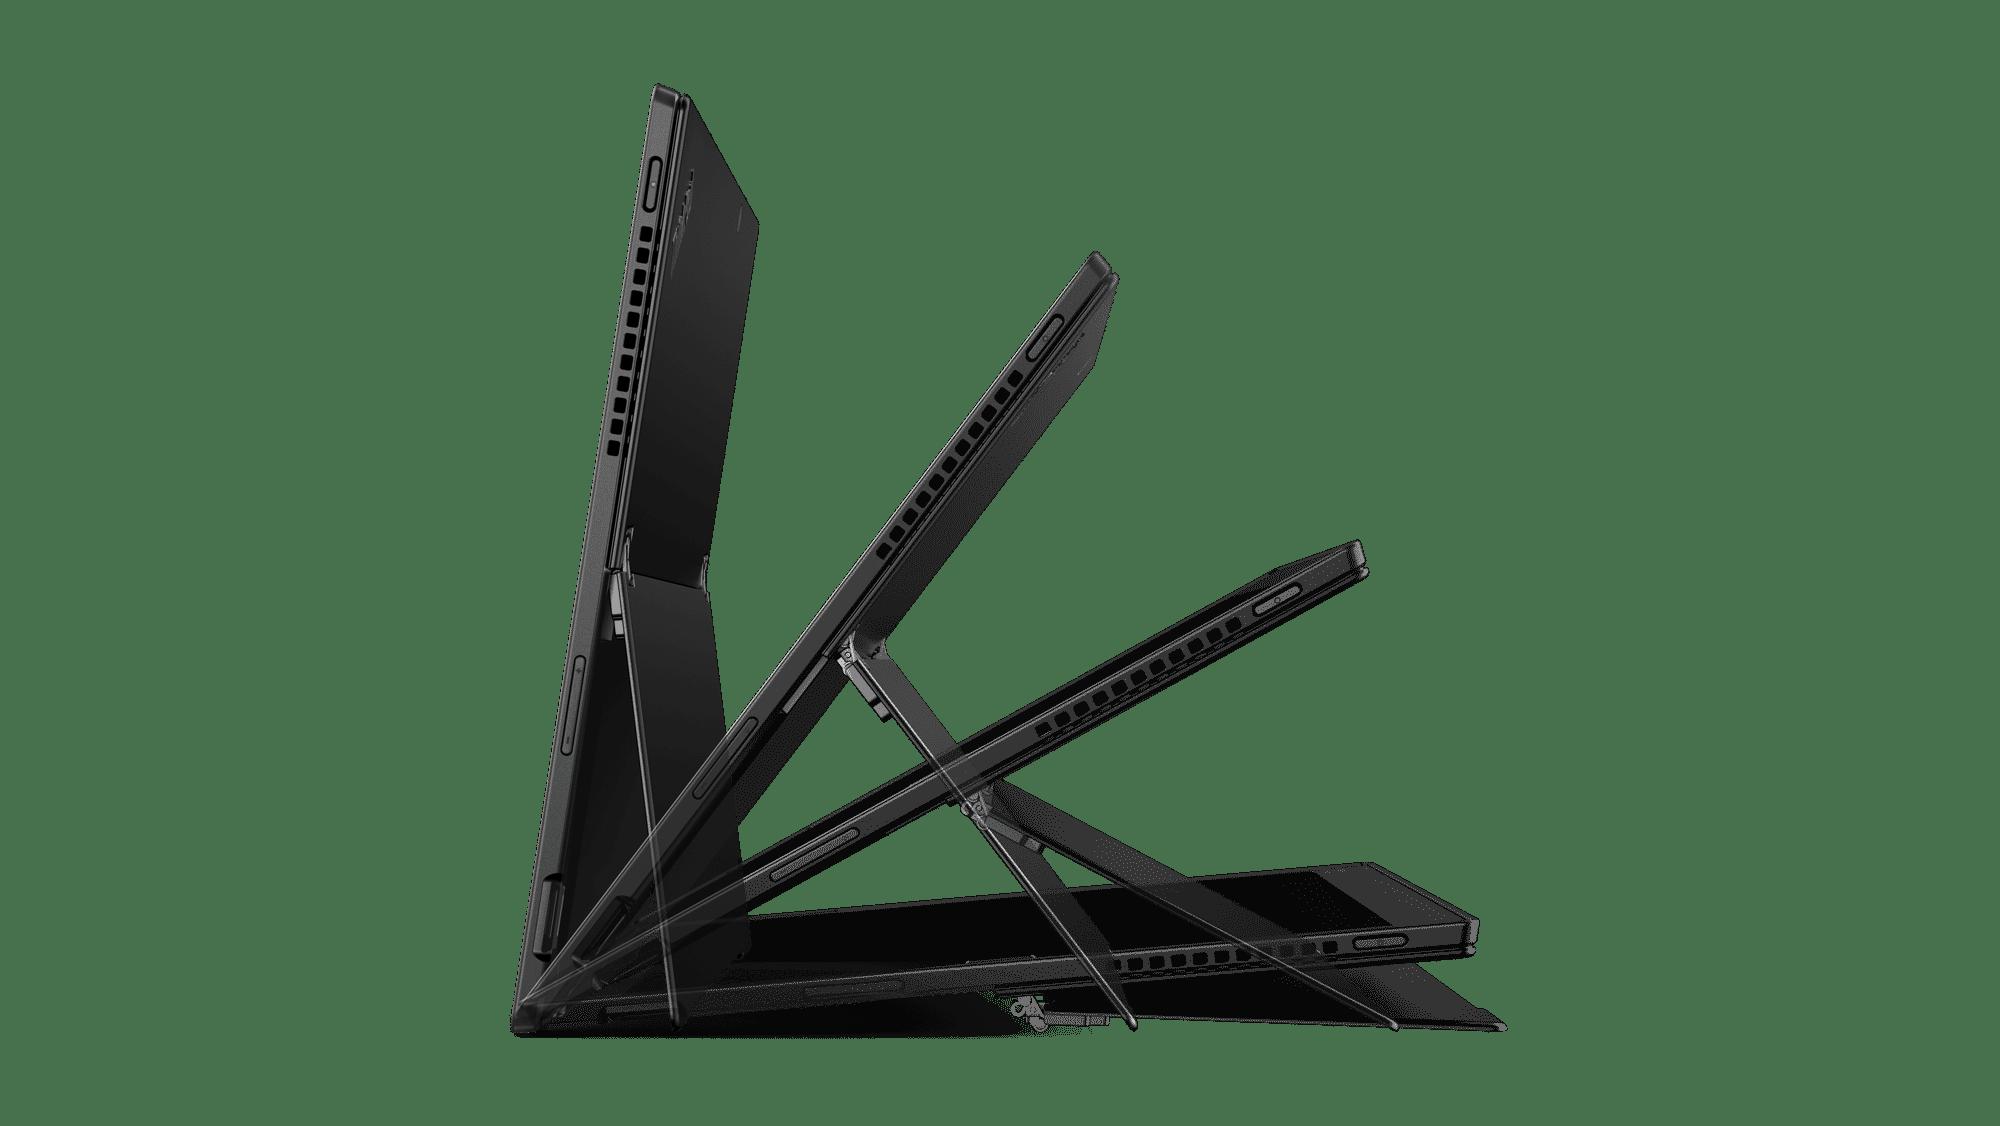 Der integrierte Ständer des X1 Tablet erlaubt beliebige Aufstellwinkel.